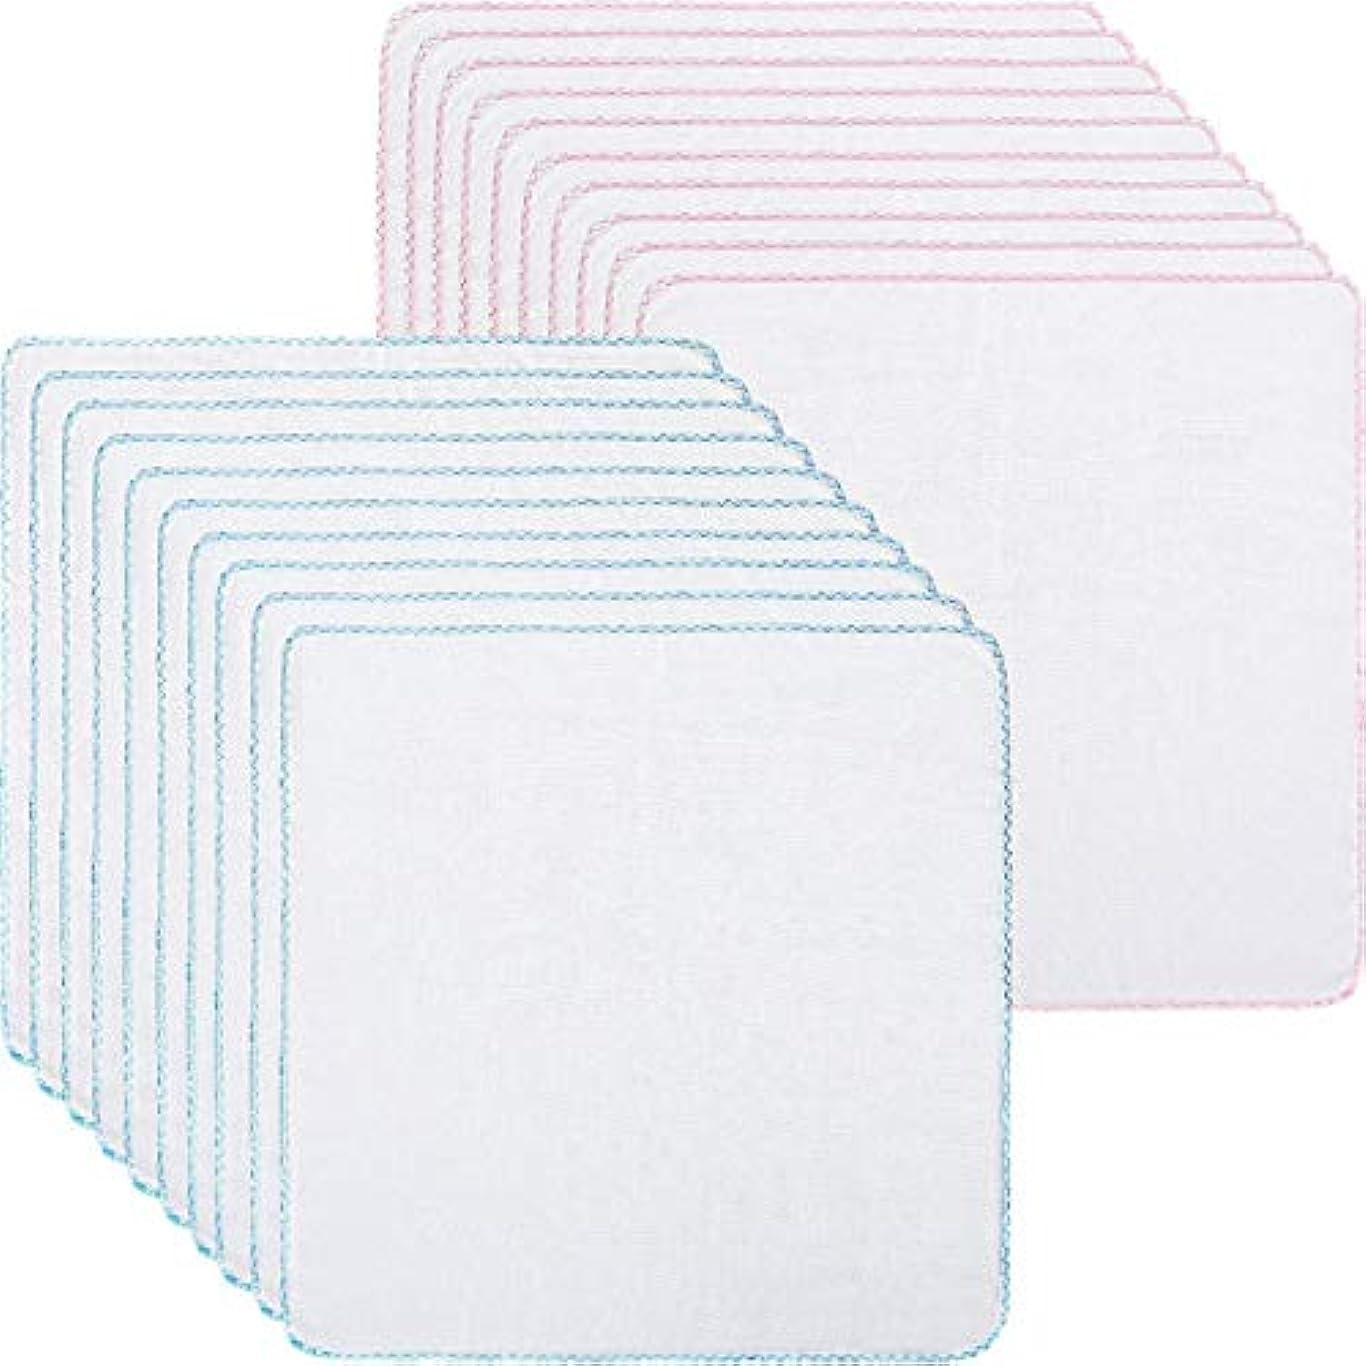 リーフレット系譜ポイントWadachikis フレンドリー20ピースピュアコットンフェイシャルクレンジングモスリン布ソフトフェイシャルクレンジングメイクリムーバー布、青とピンク